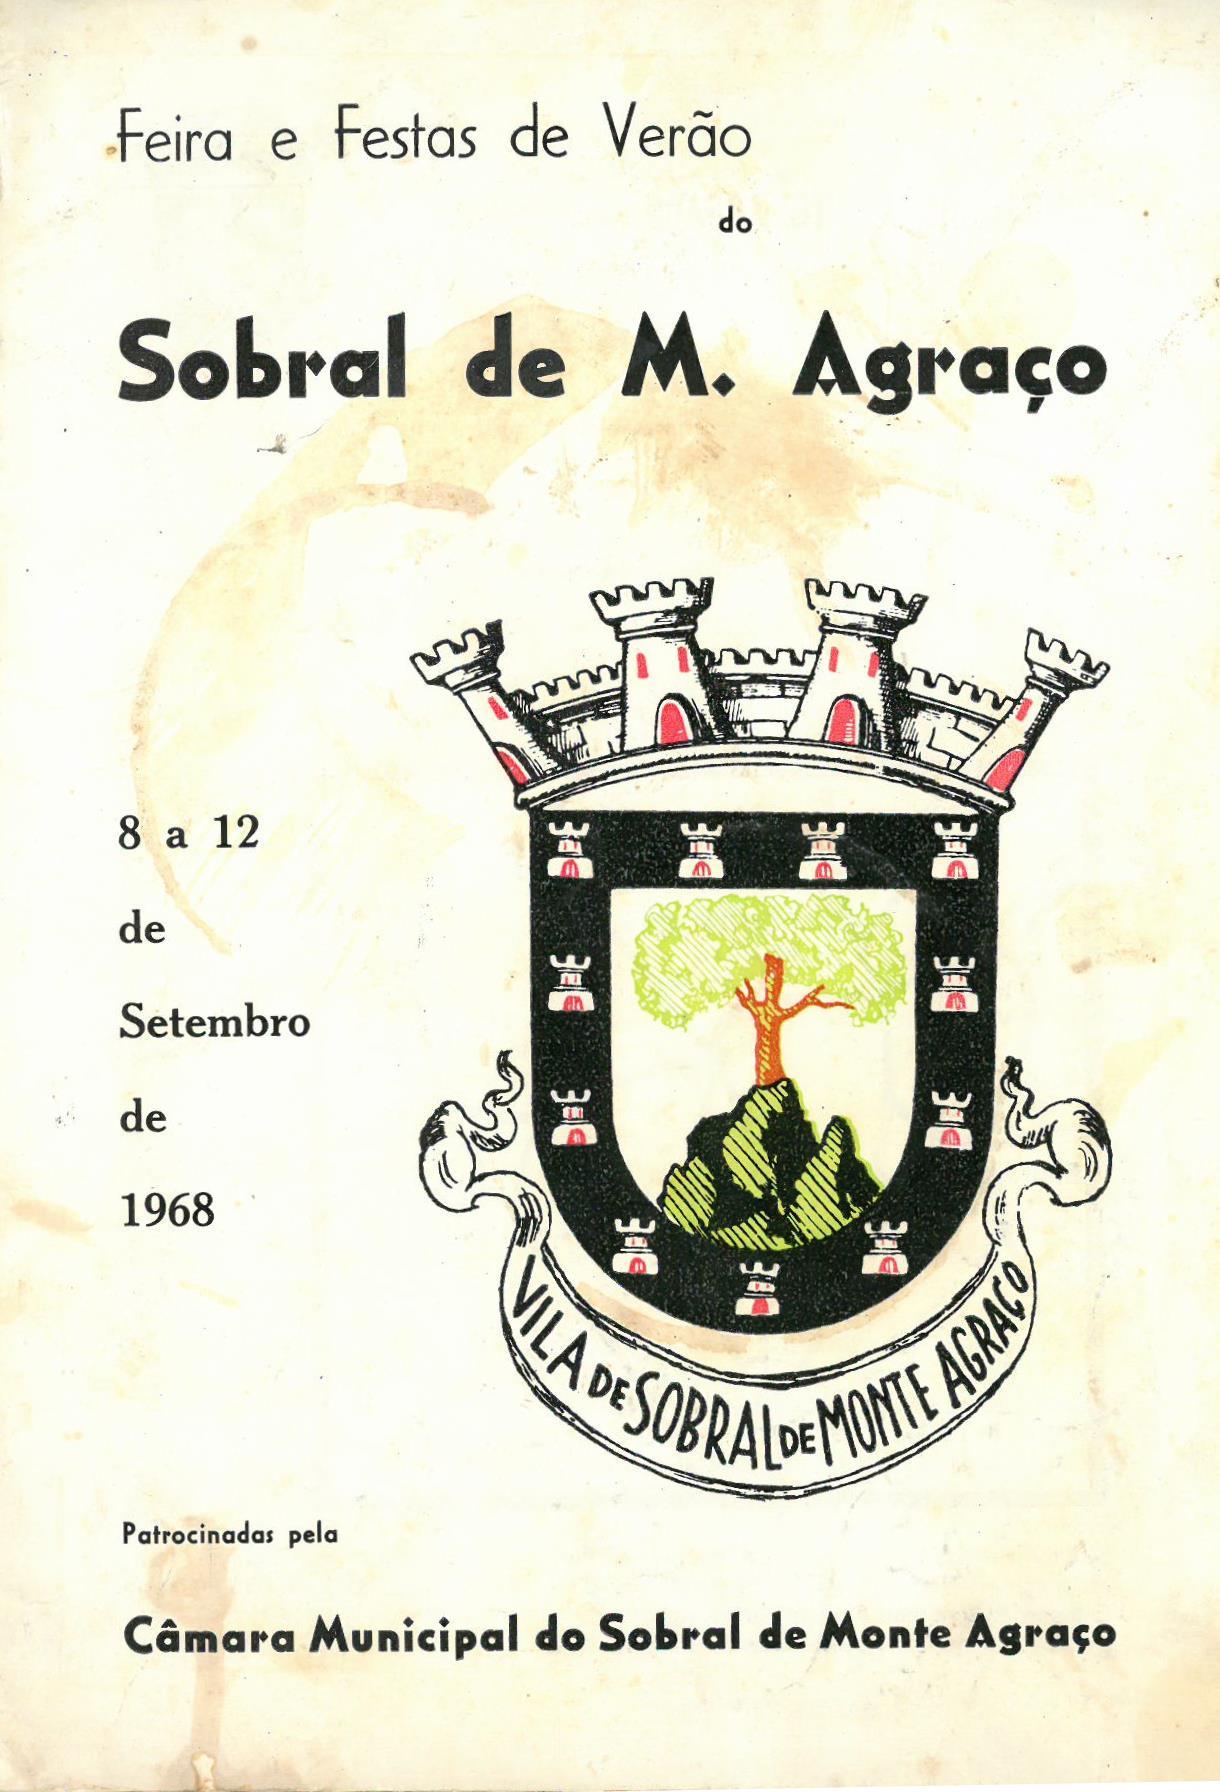 http://www.bibliotecasobral.com.pt/BiblioNET/Upload/images/festas/livros/capas/1968.jpg